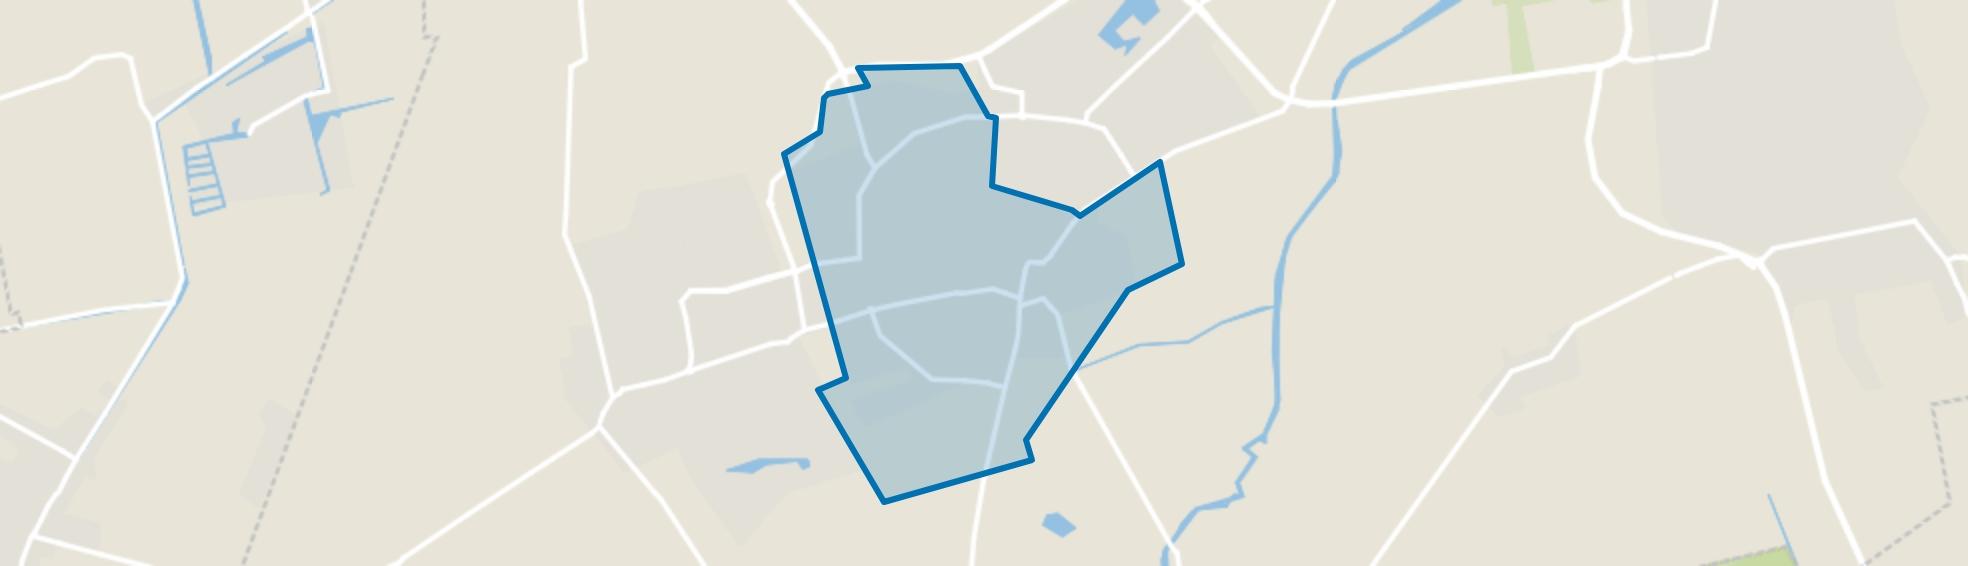 Roden, Roden map